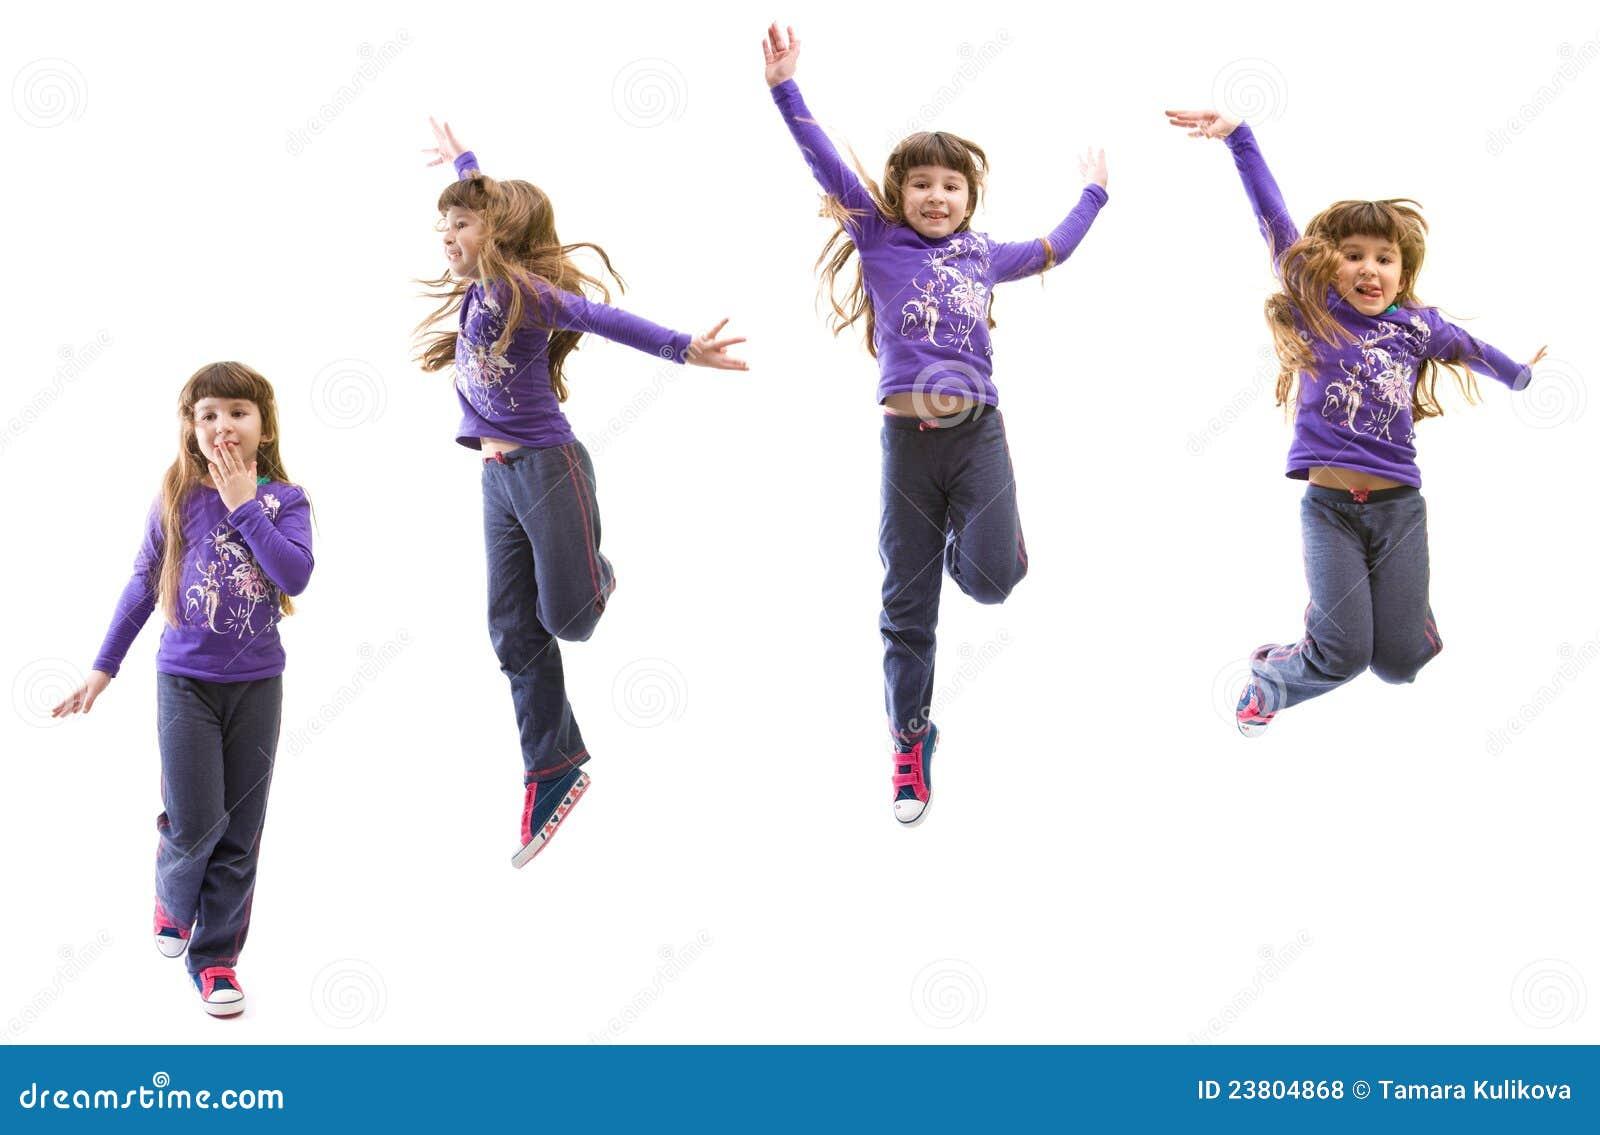 Фото девочек в разных позах 6 фотография